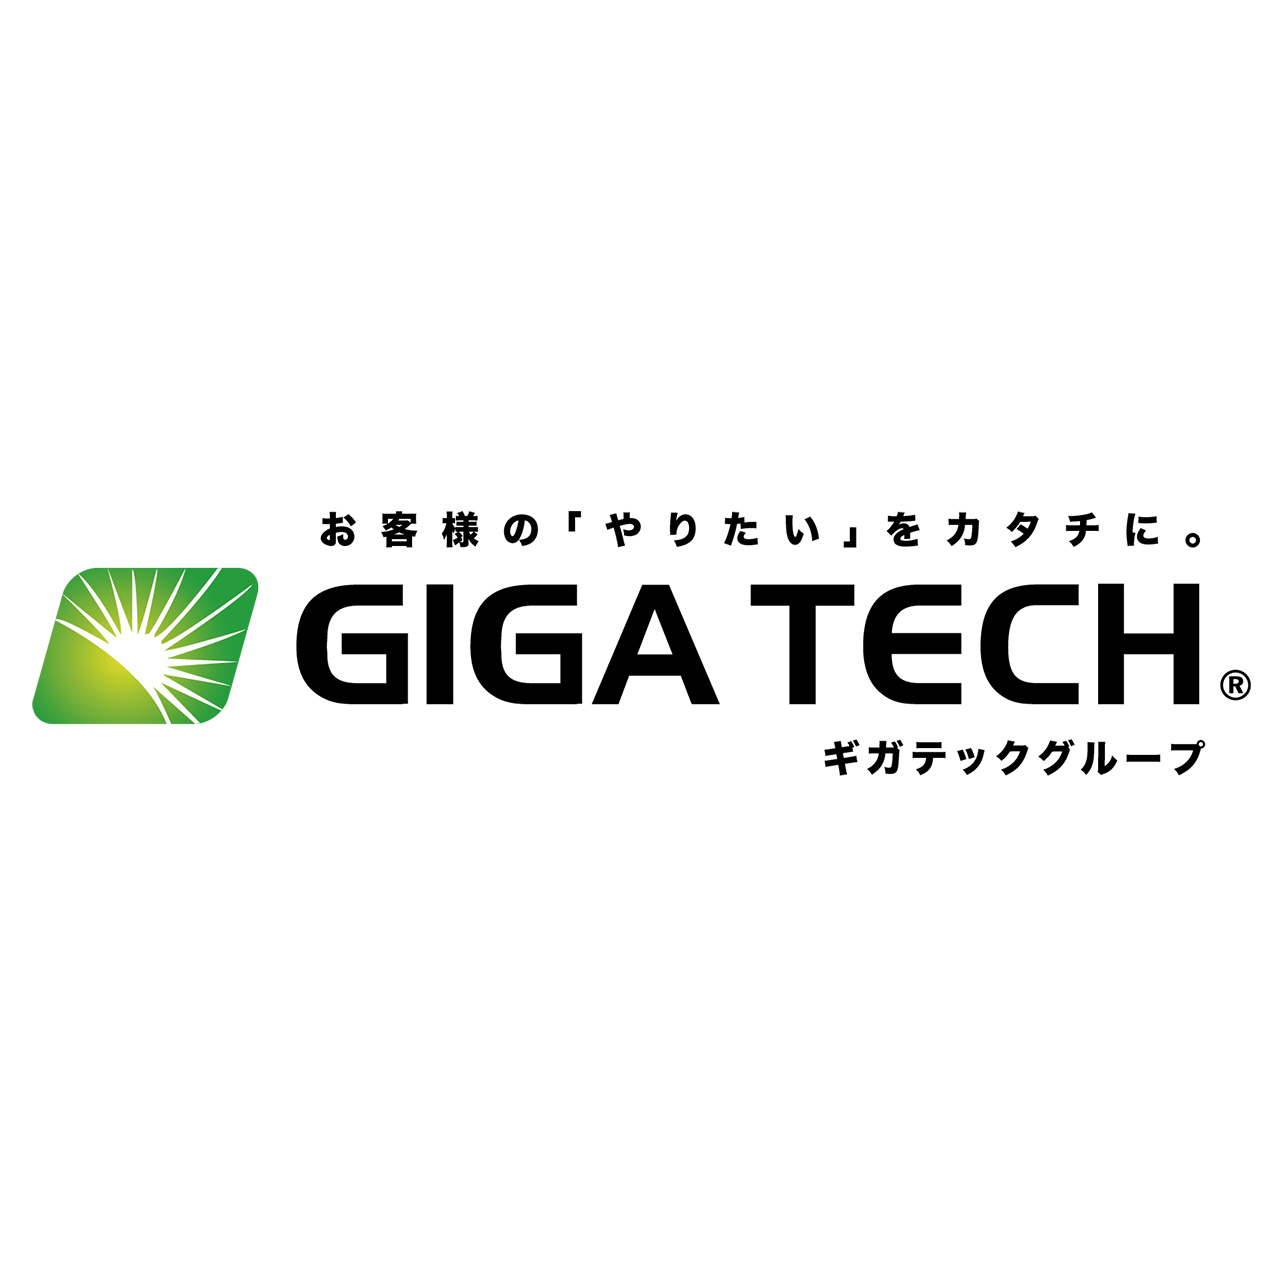 ギガテック・グループ